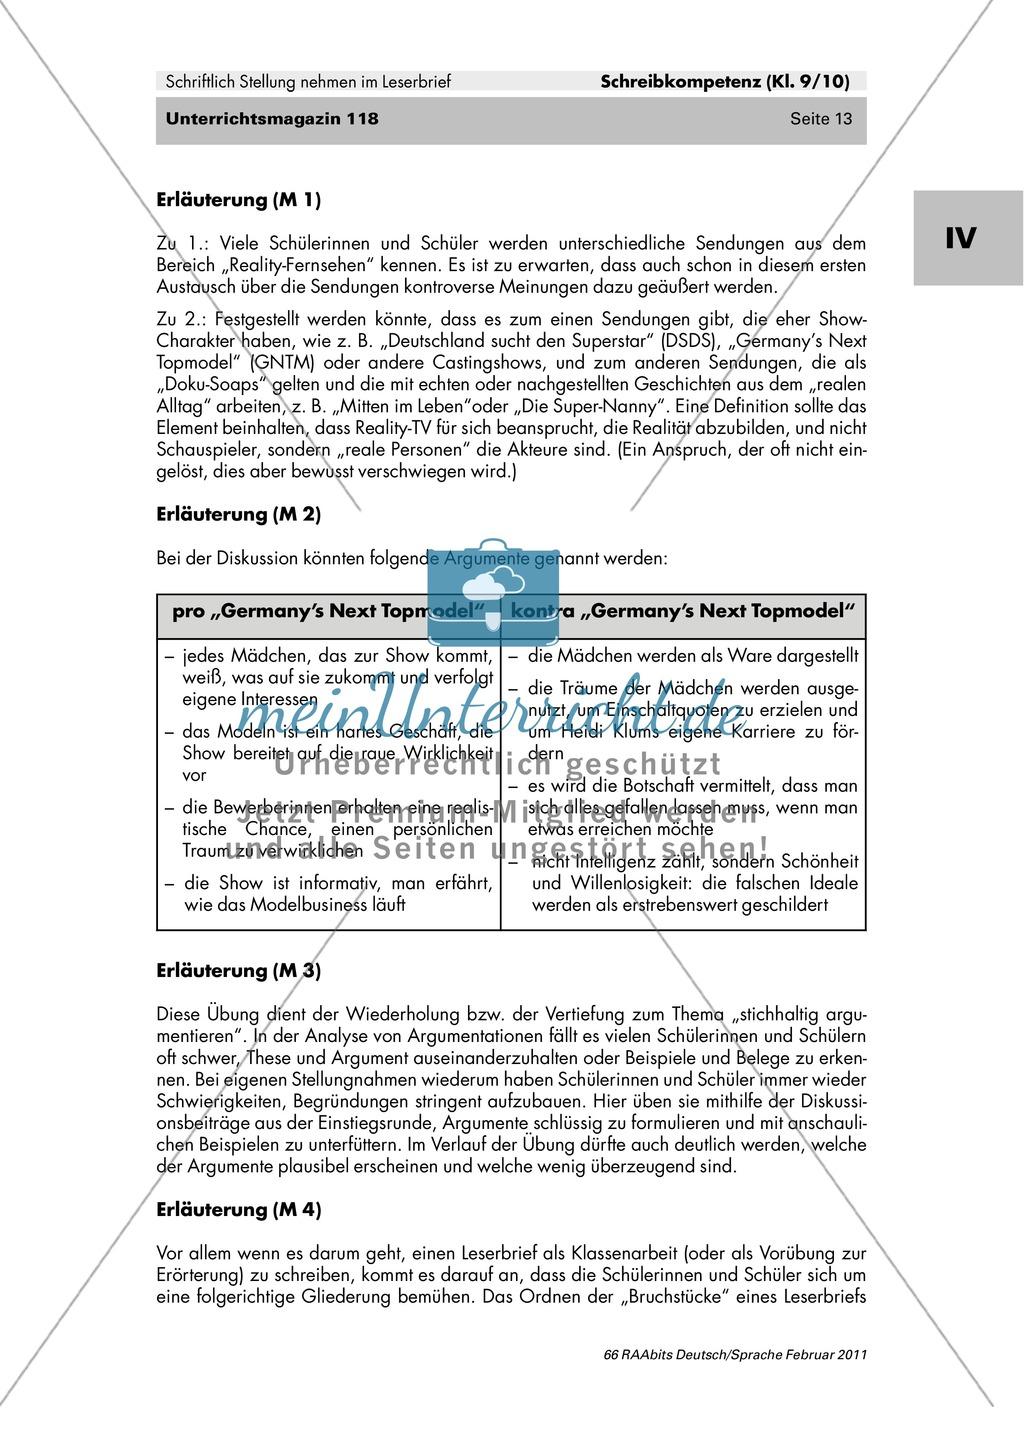 Der Leserbrief als schriftliche Stellungnahme: Merkmale kennen lernen, Fehler finden, Produktion eines eigenen Leserbriefes Preview 7